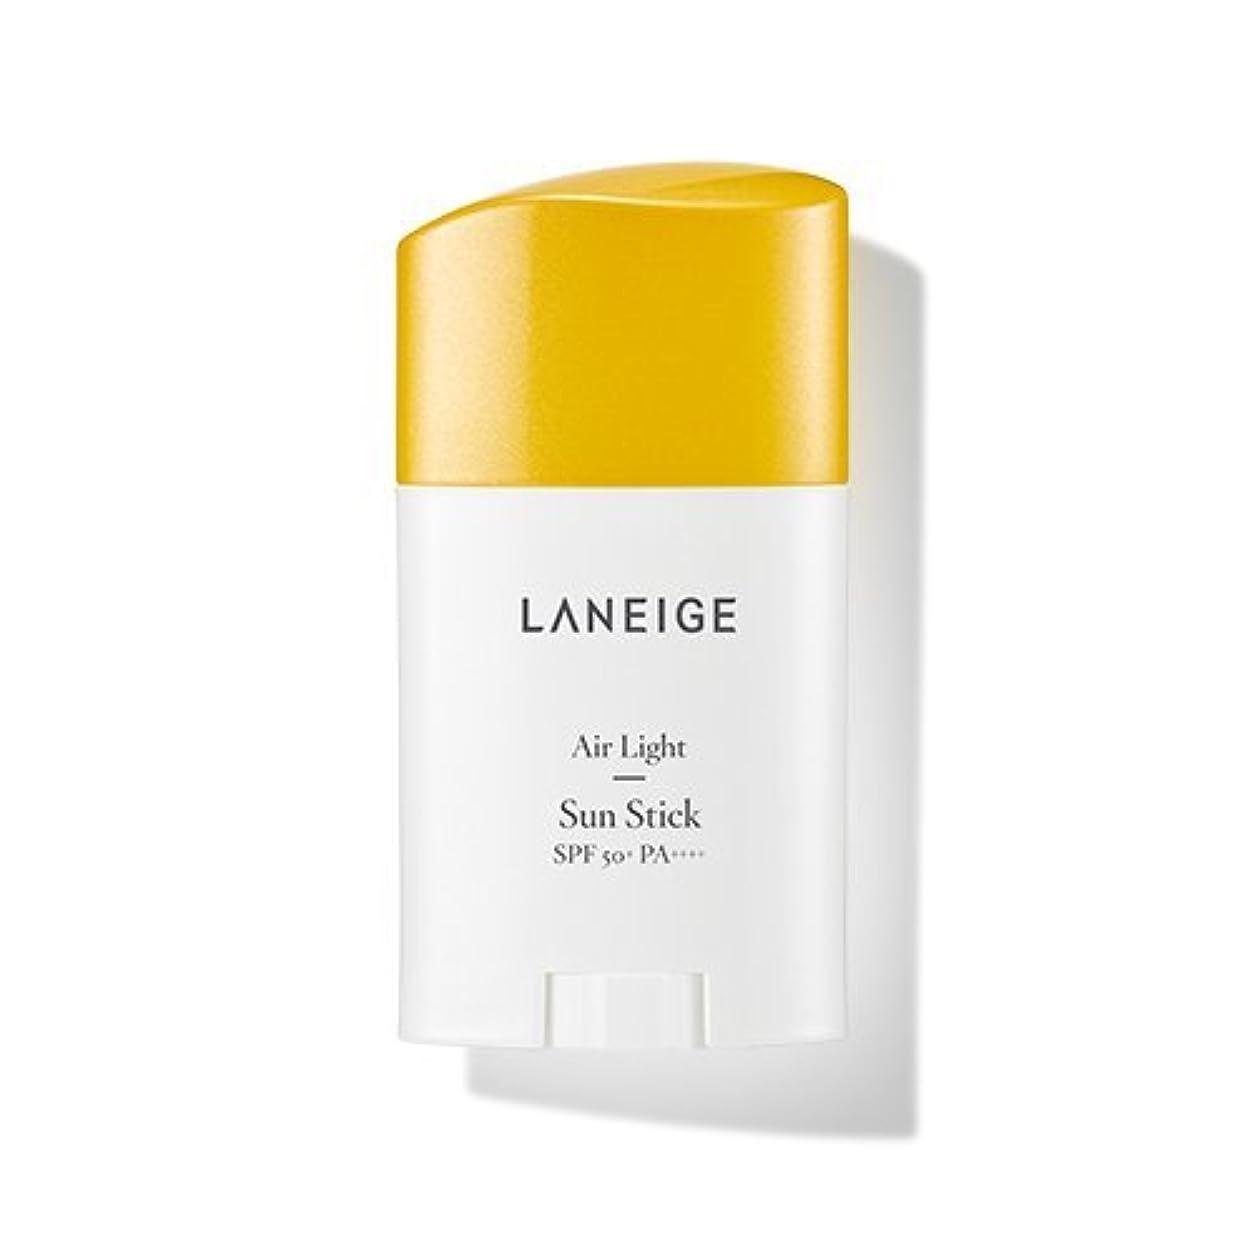 配送悪名高い出版ラネージュ(LANEIGE) エアライト?サンスティック Air Light Sun Stick SPF50 PA+++ 26g